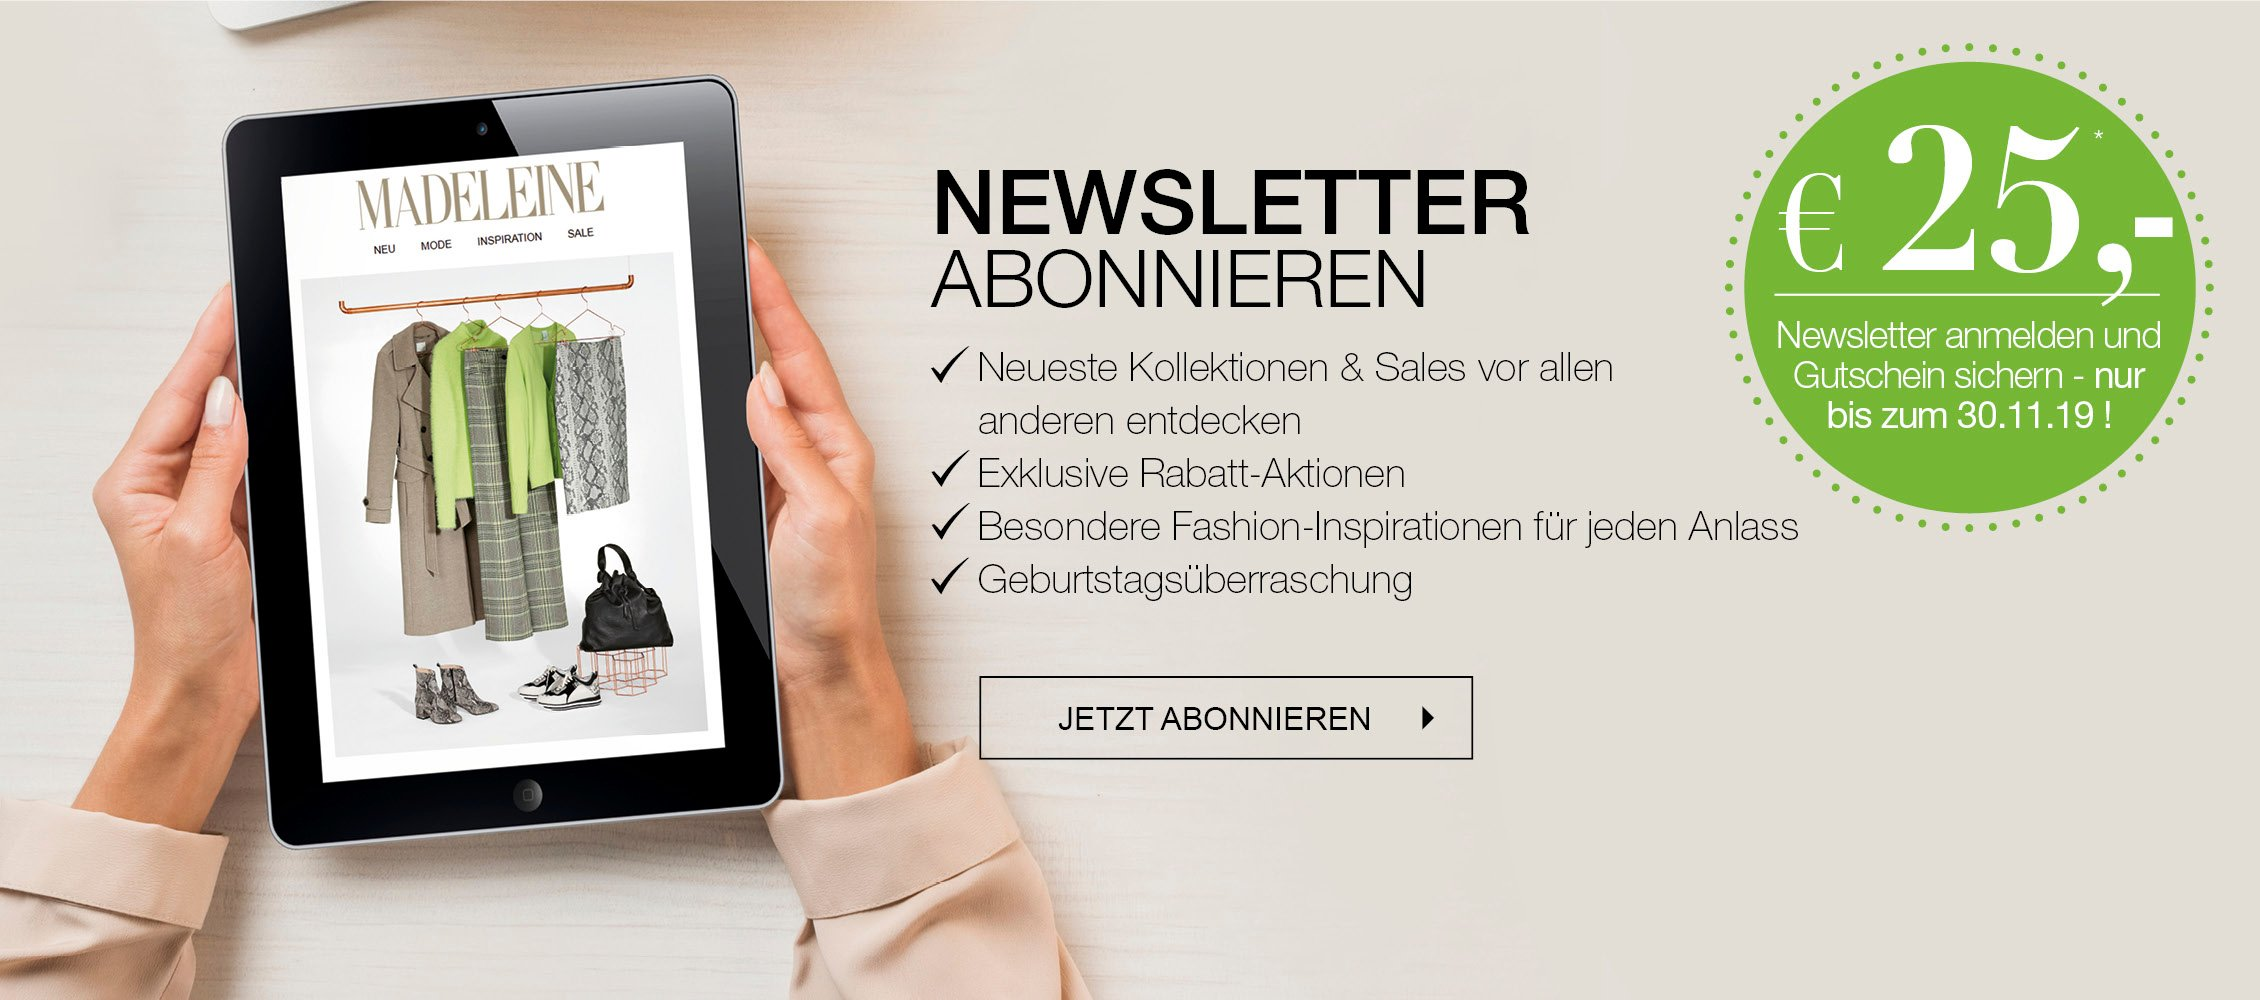 EUR 25 Gutschein für Anmeldung zum Newsletter